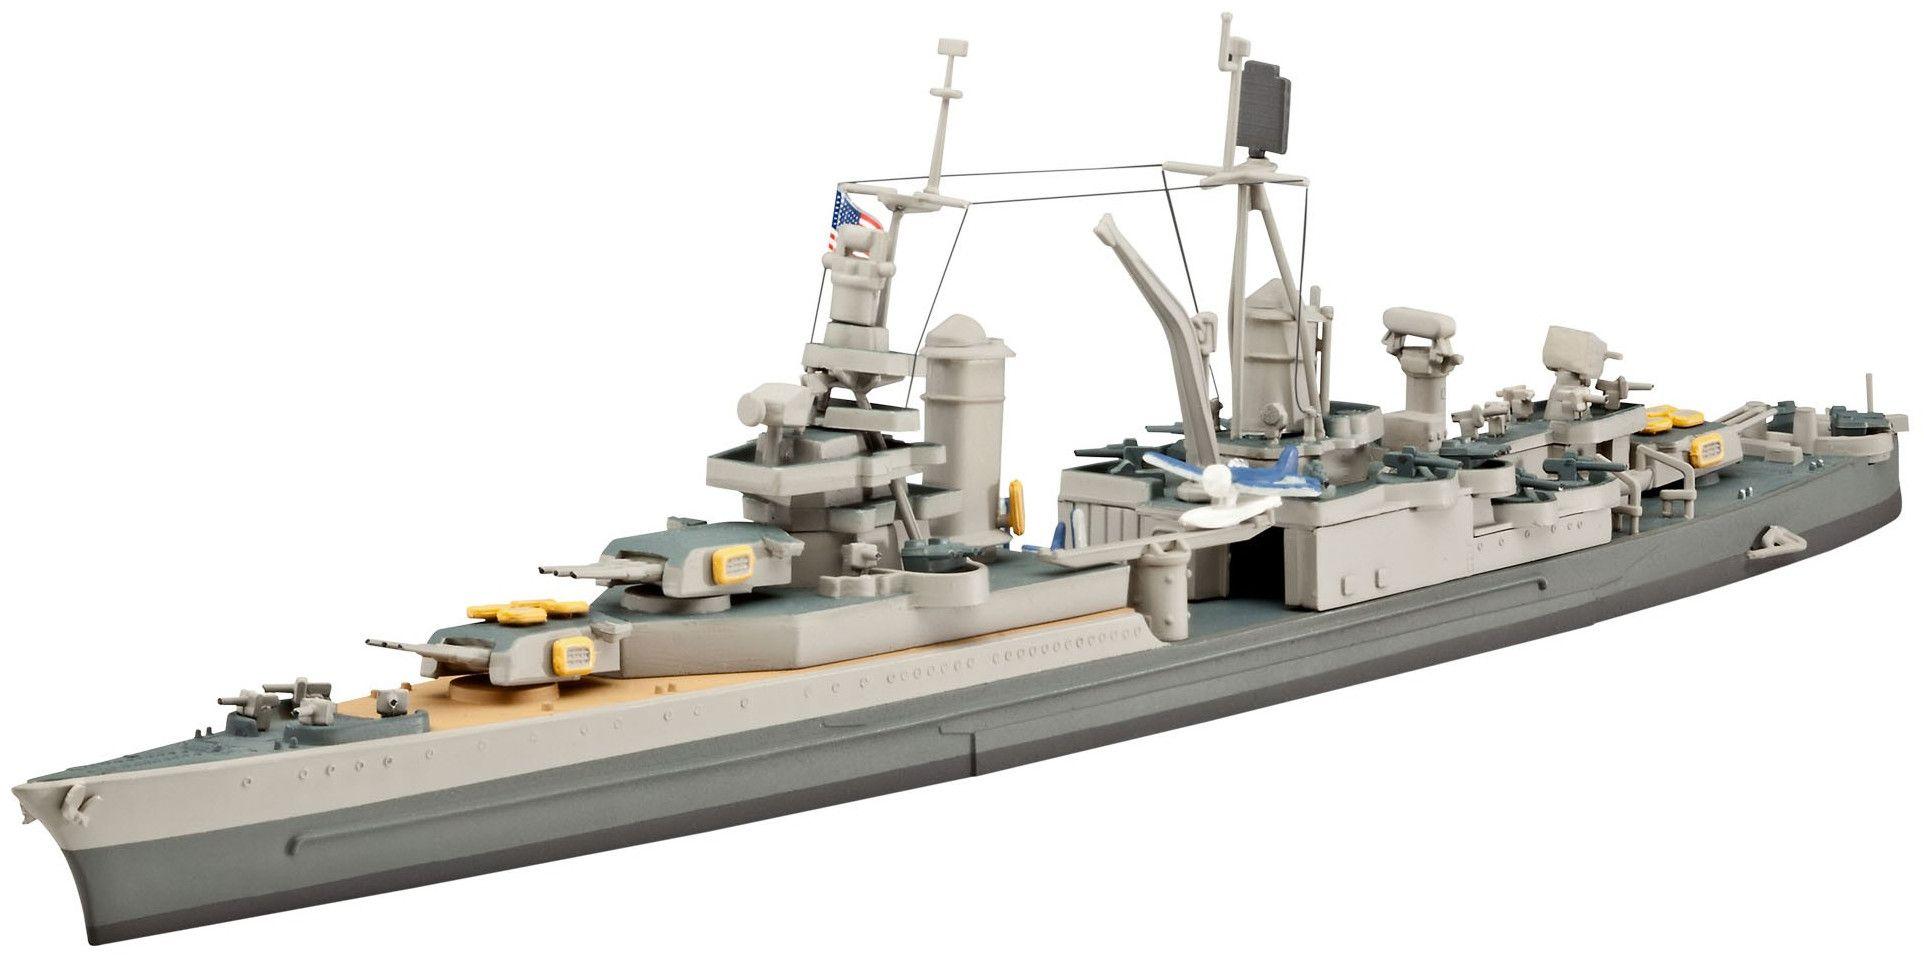 Сглобяем модел на военен кораб Revell - U.S.S. Indianapolis (CA-35) (05111) - 1